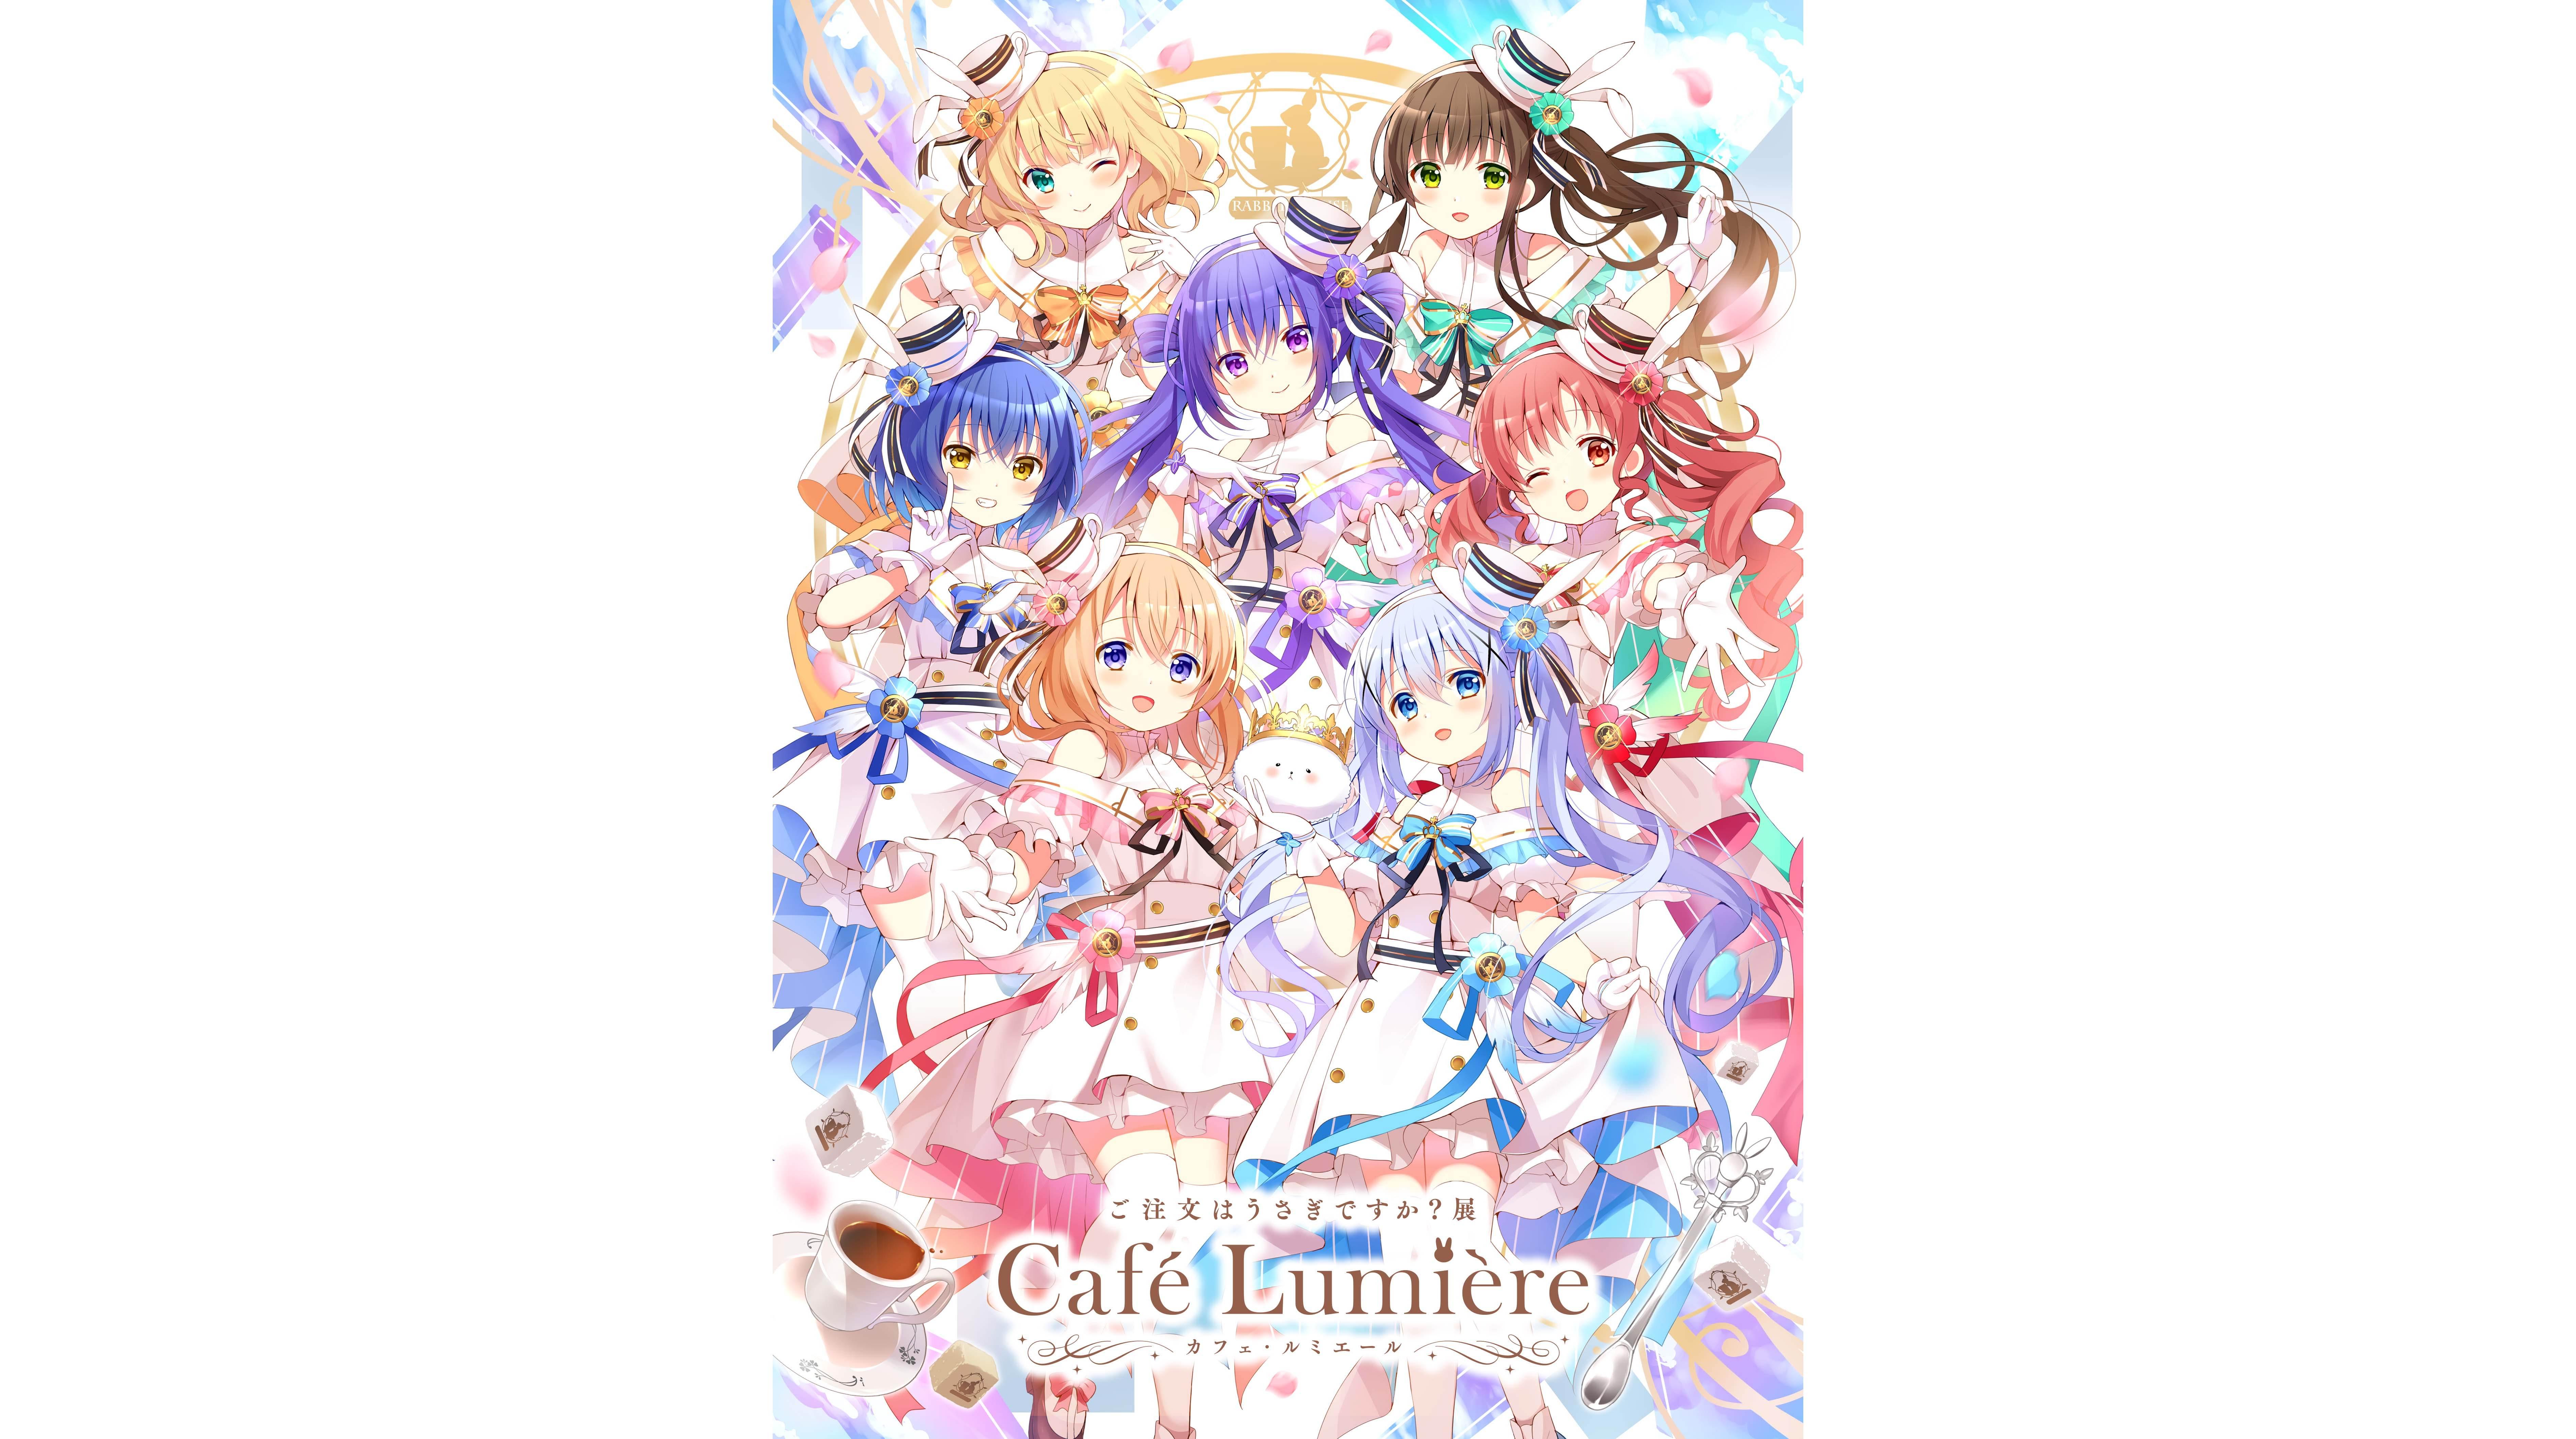 連載開始10周年記念「ご注文はうさぎですか?展 Café Lumière」1